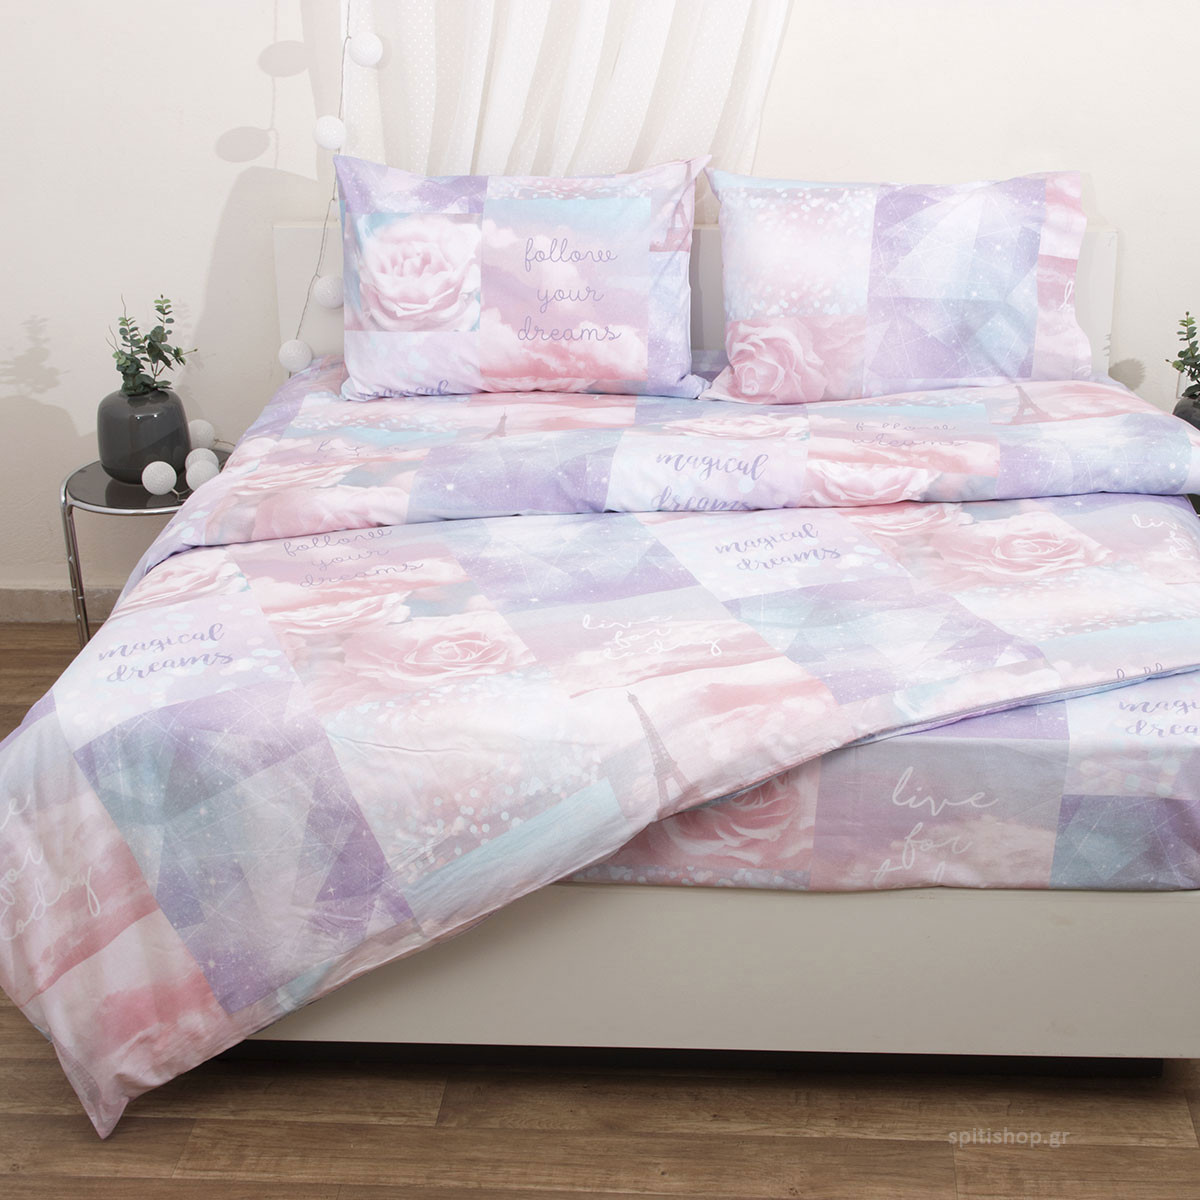 Πάπλωμα Ημίδιπλο (Σετ) Viopros Fresh Ντριμ home   κρεβατοκάμαρα   παπλώματα   παπλώματα ημίδιπλα   διπλά